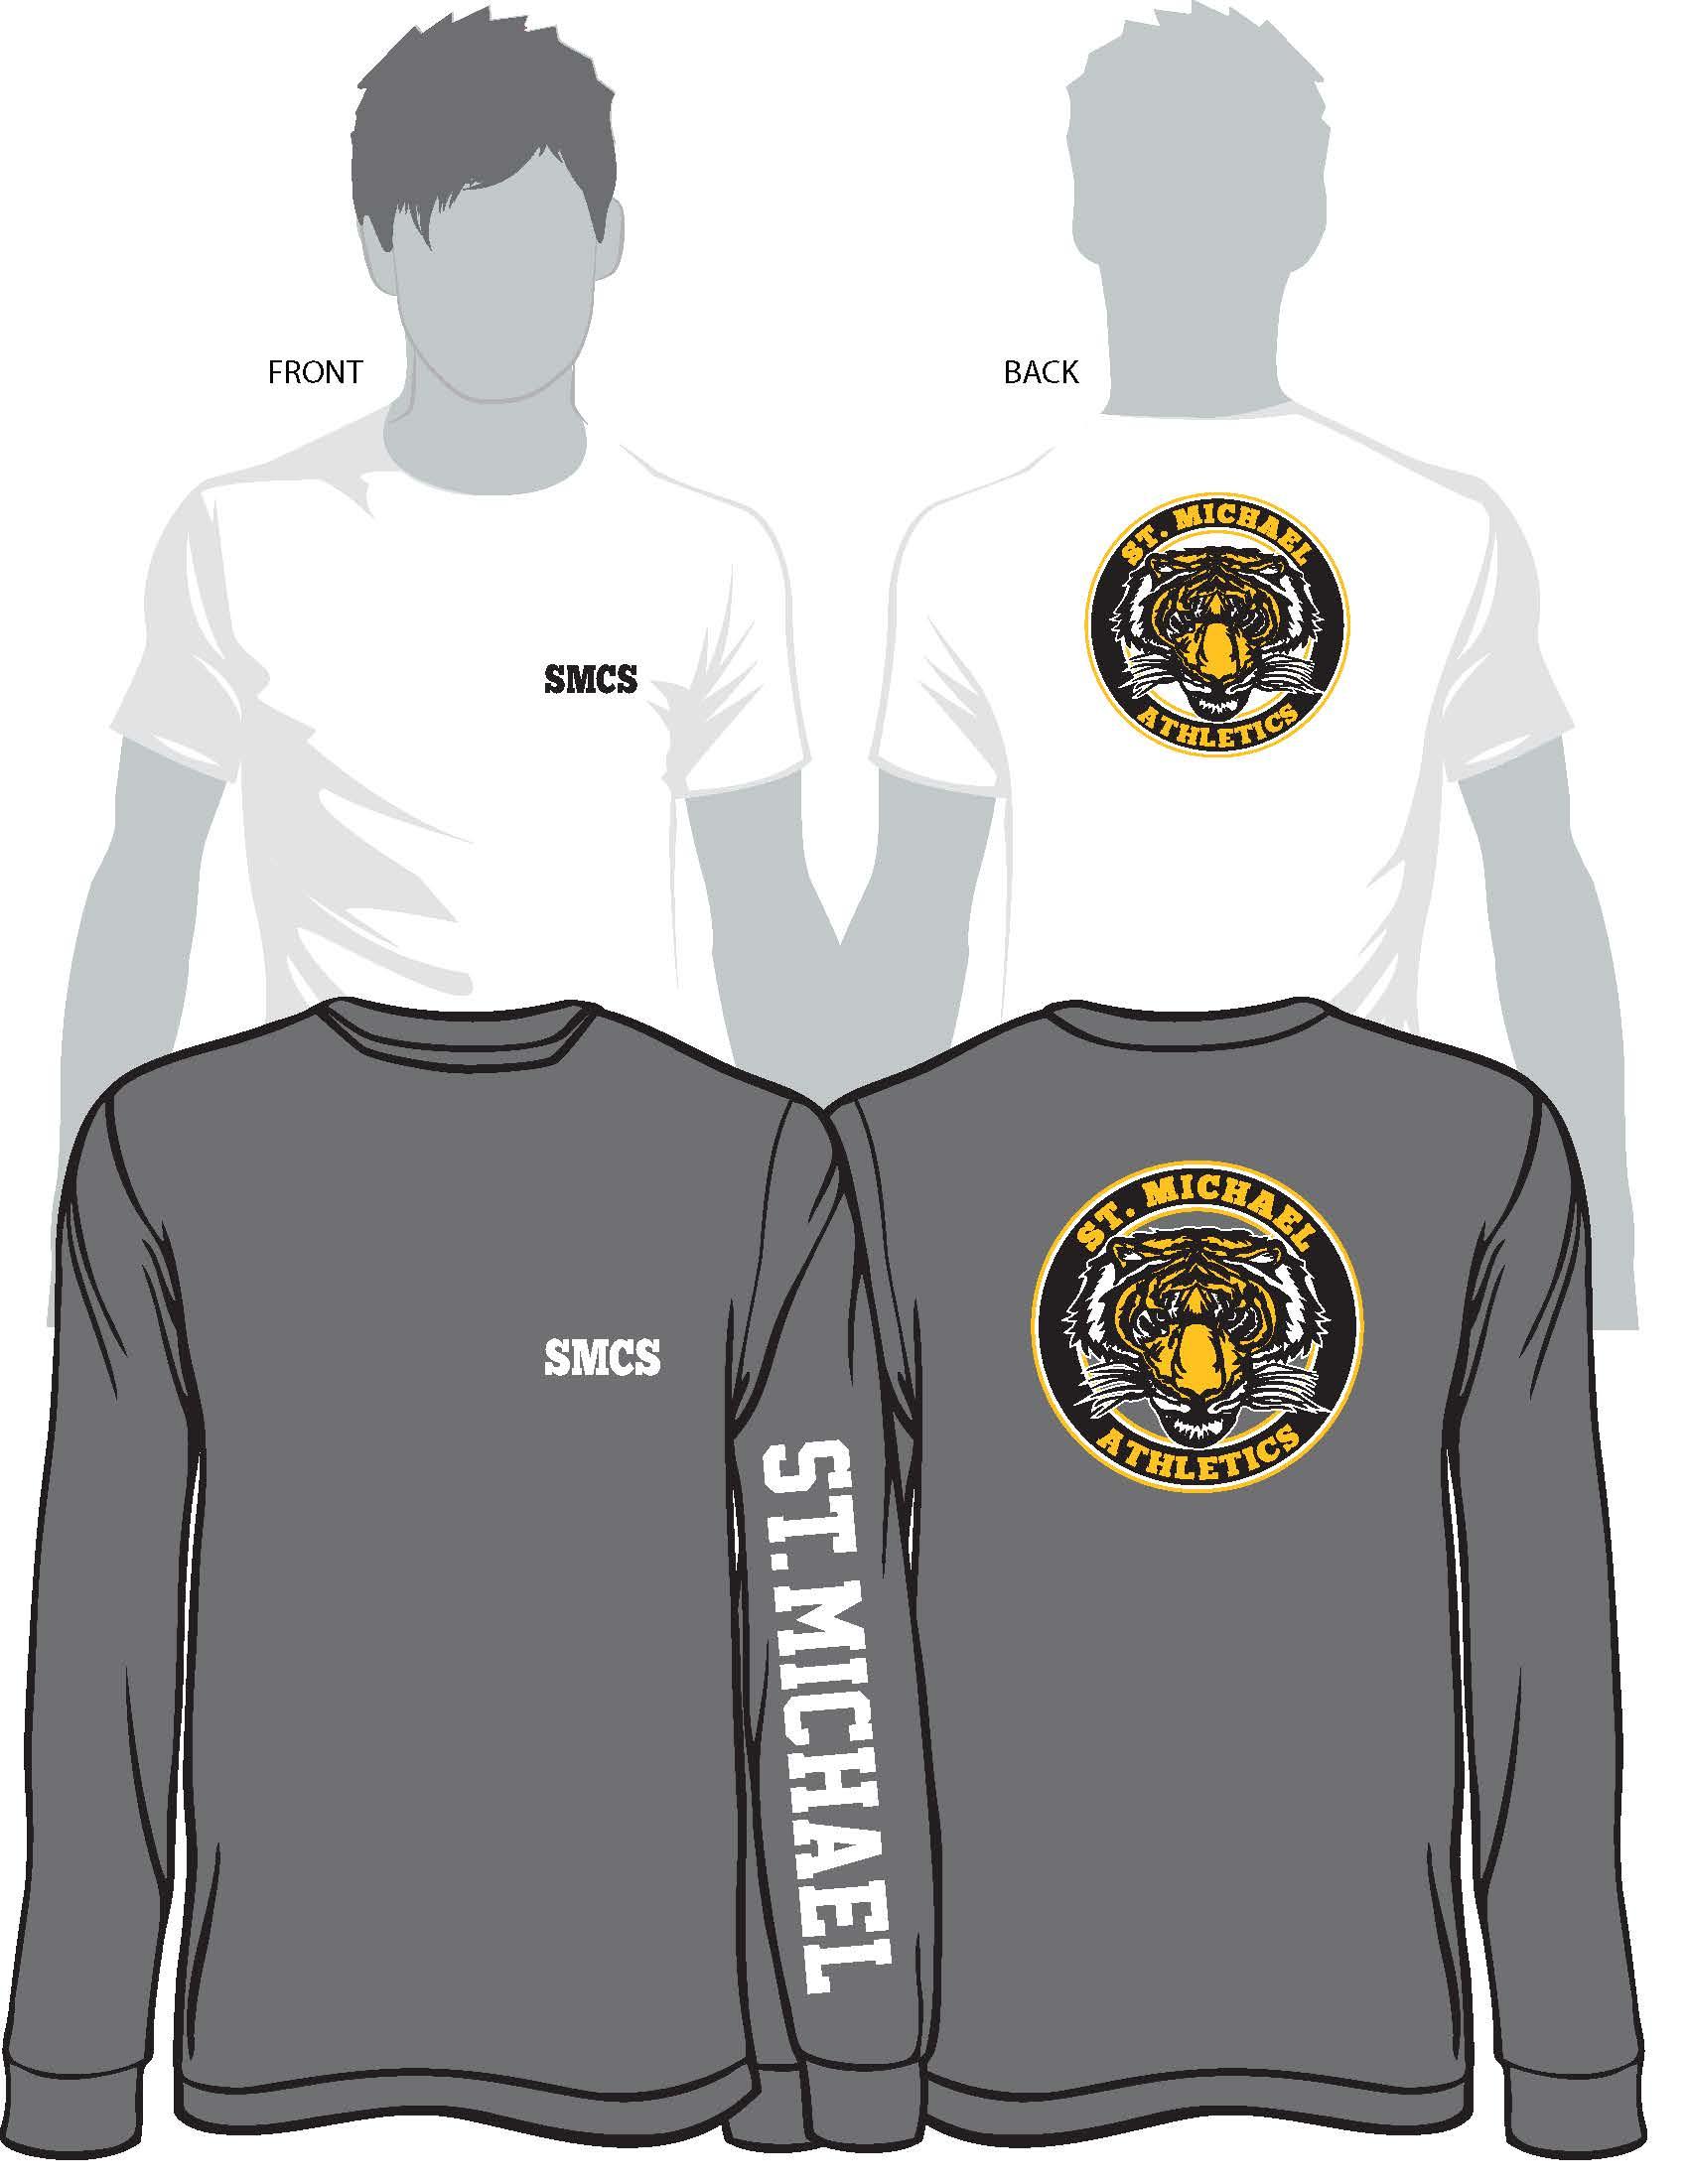 17-18 Spirit Shirts